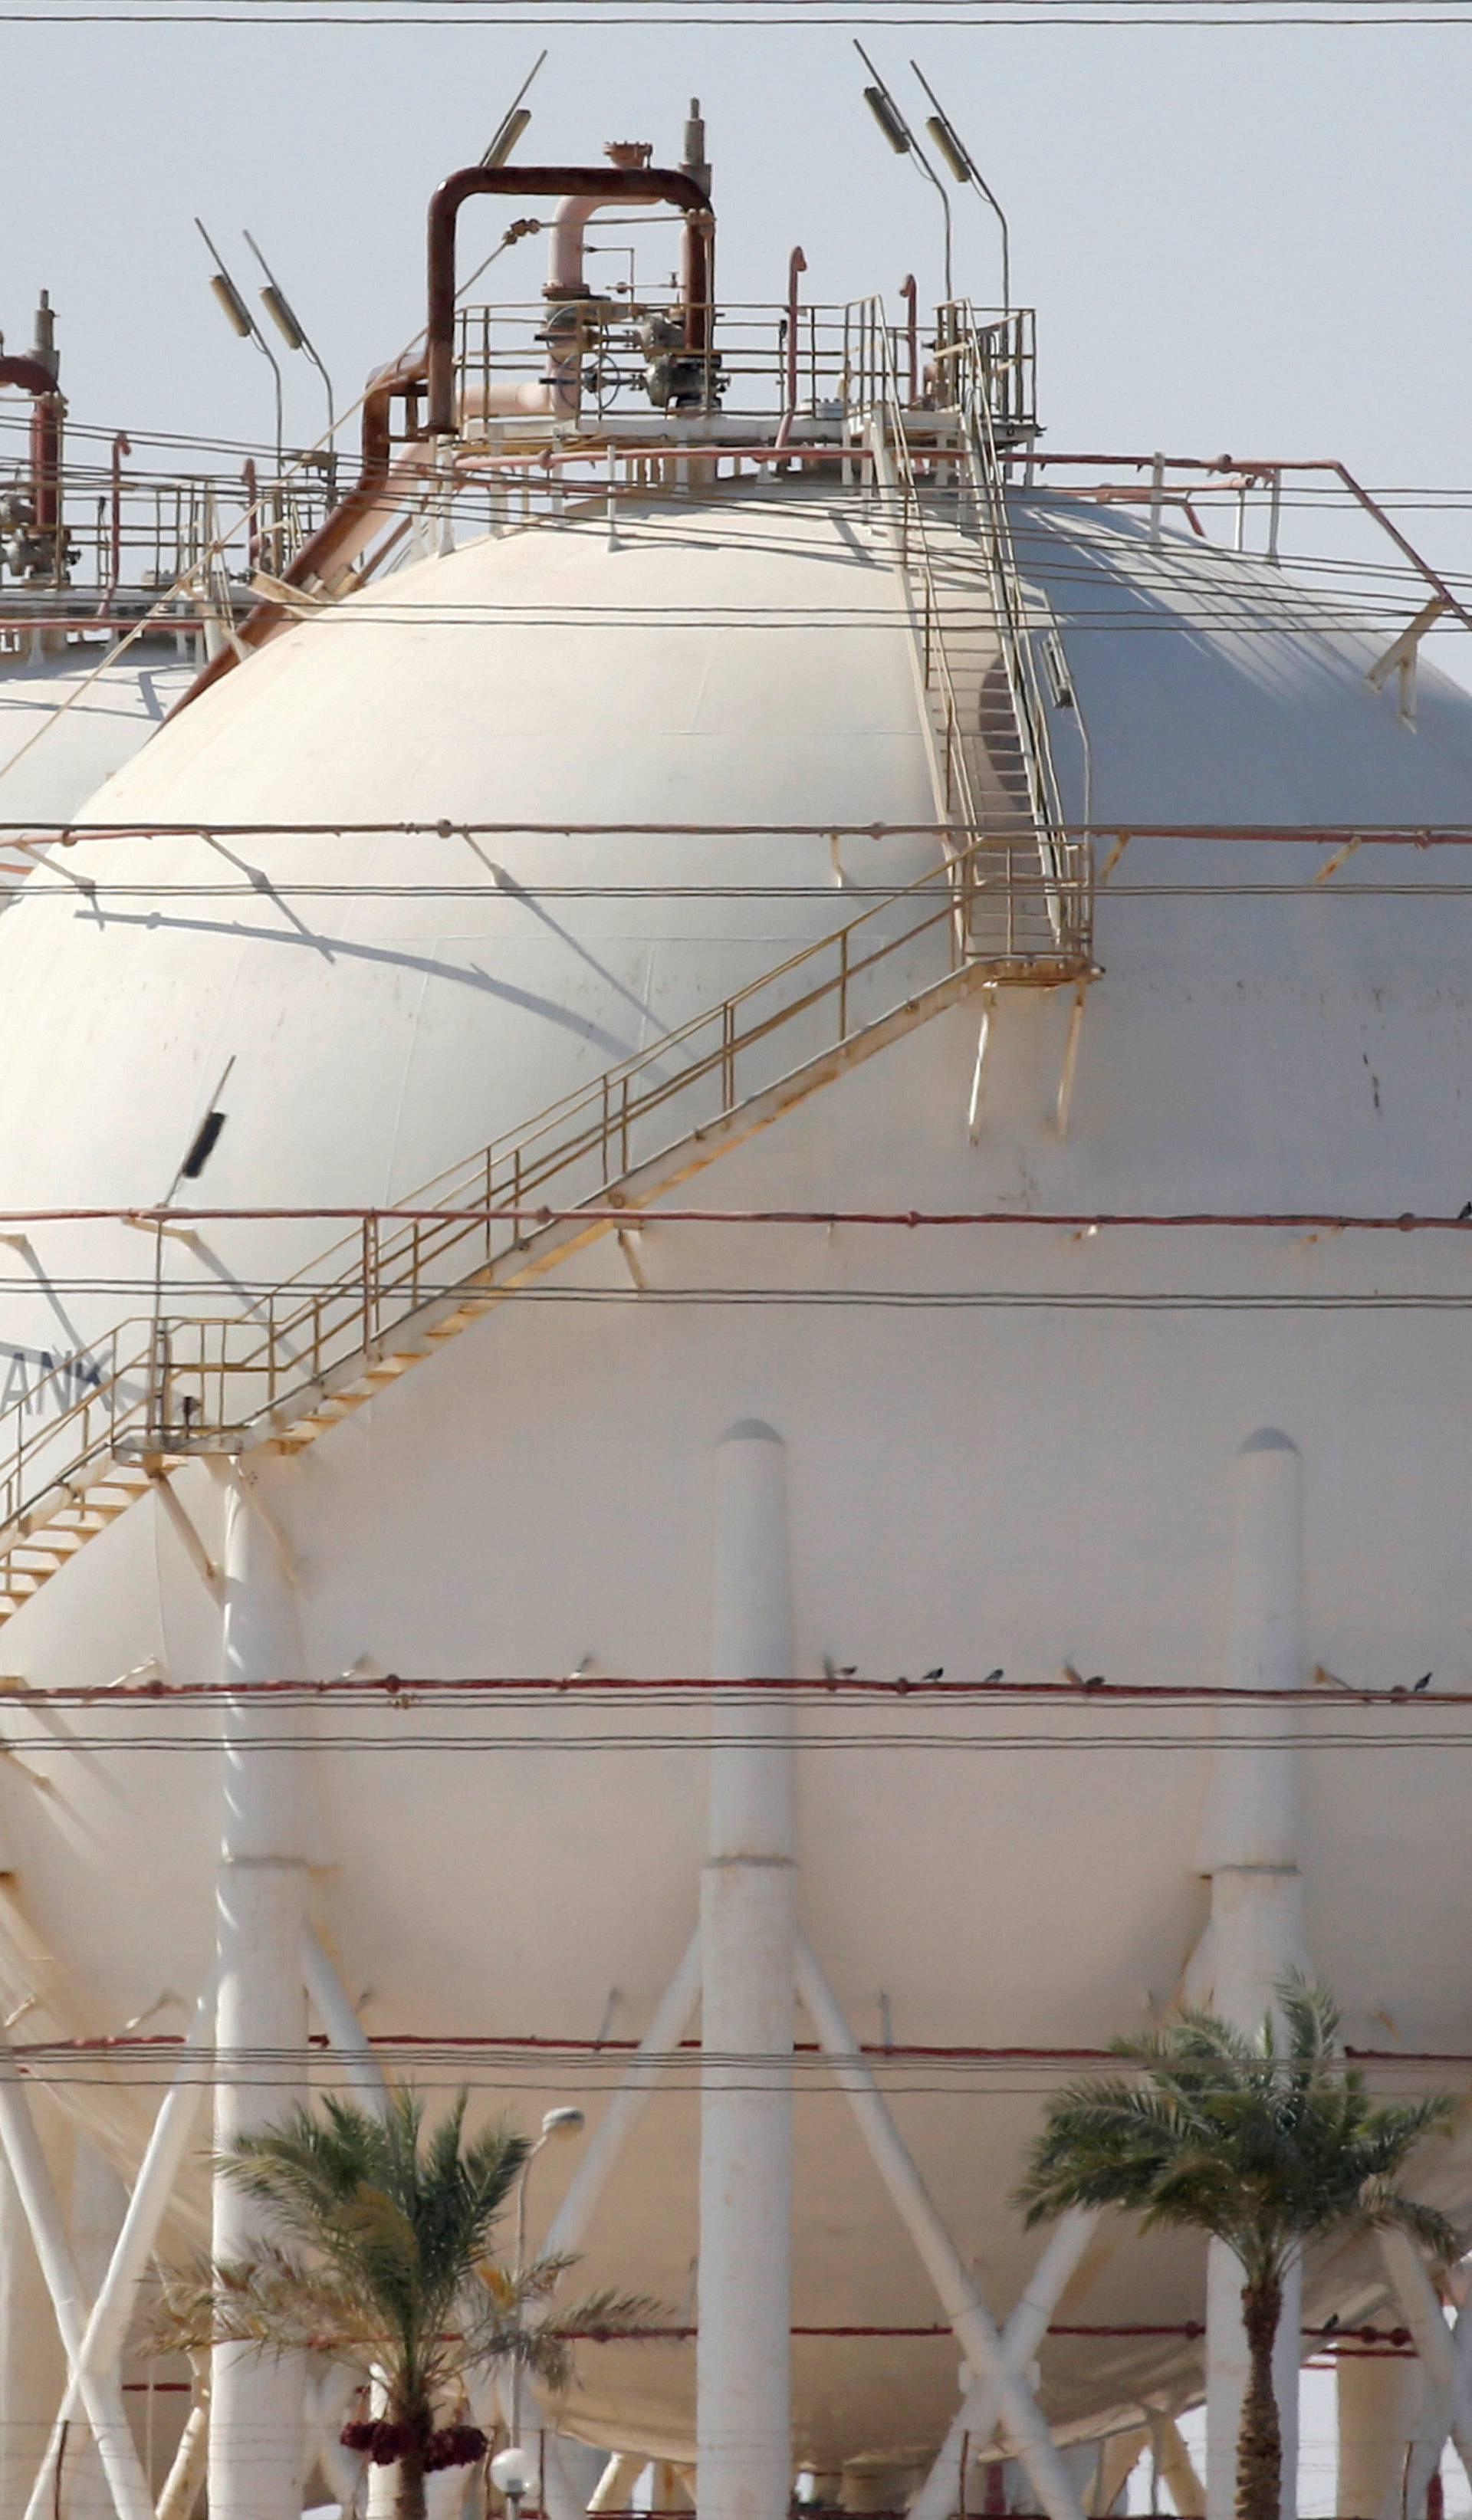 Izrael dostavlja plin Egiptu: 'To je za budućnost obje zemlje'